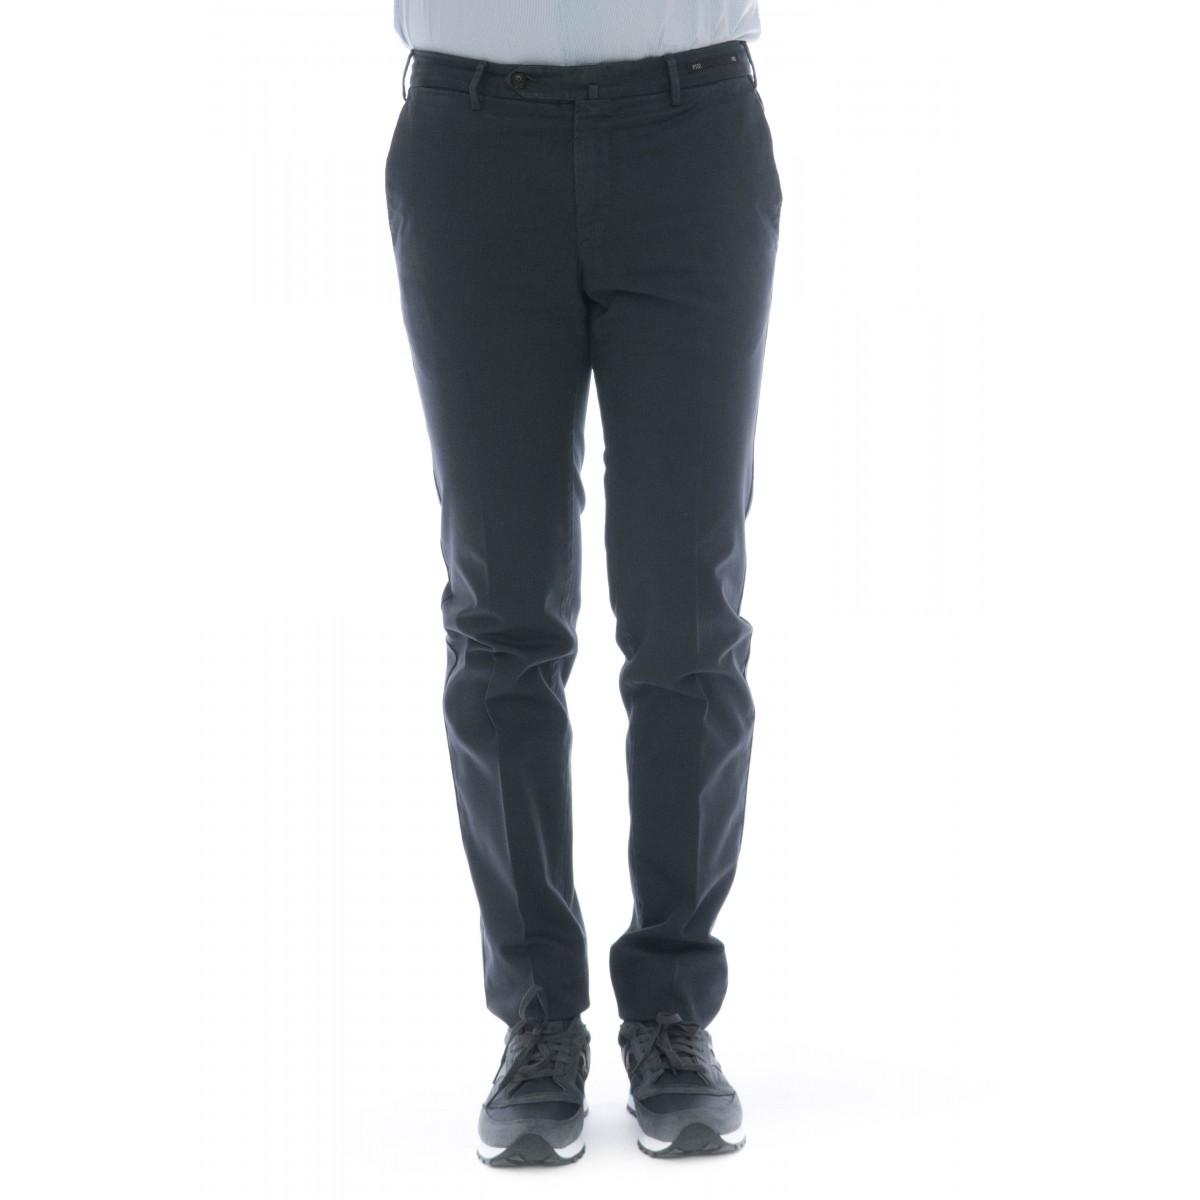 Pantalone uomo - Cpdt01z nt93 super slim stampato